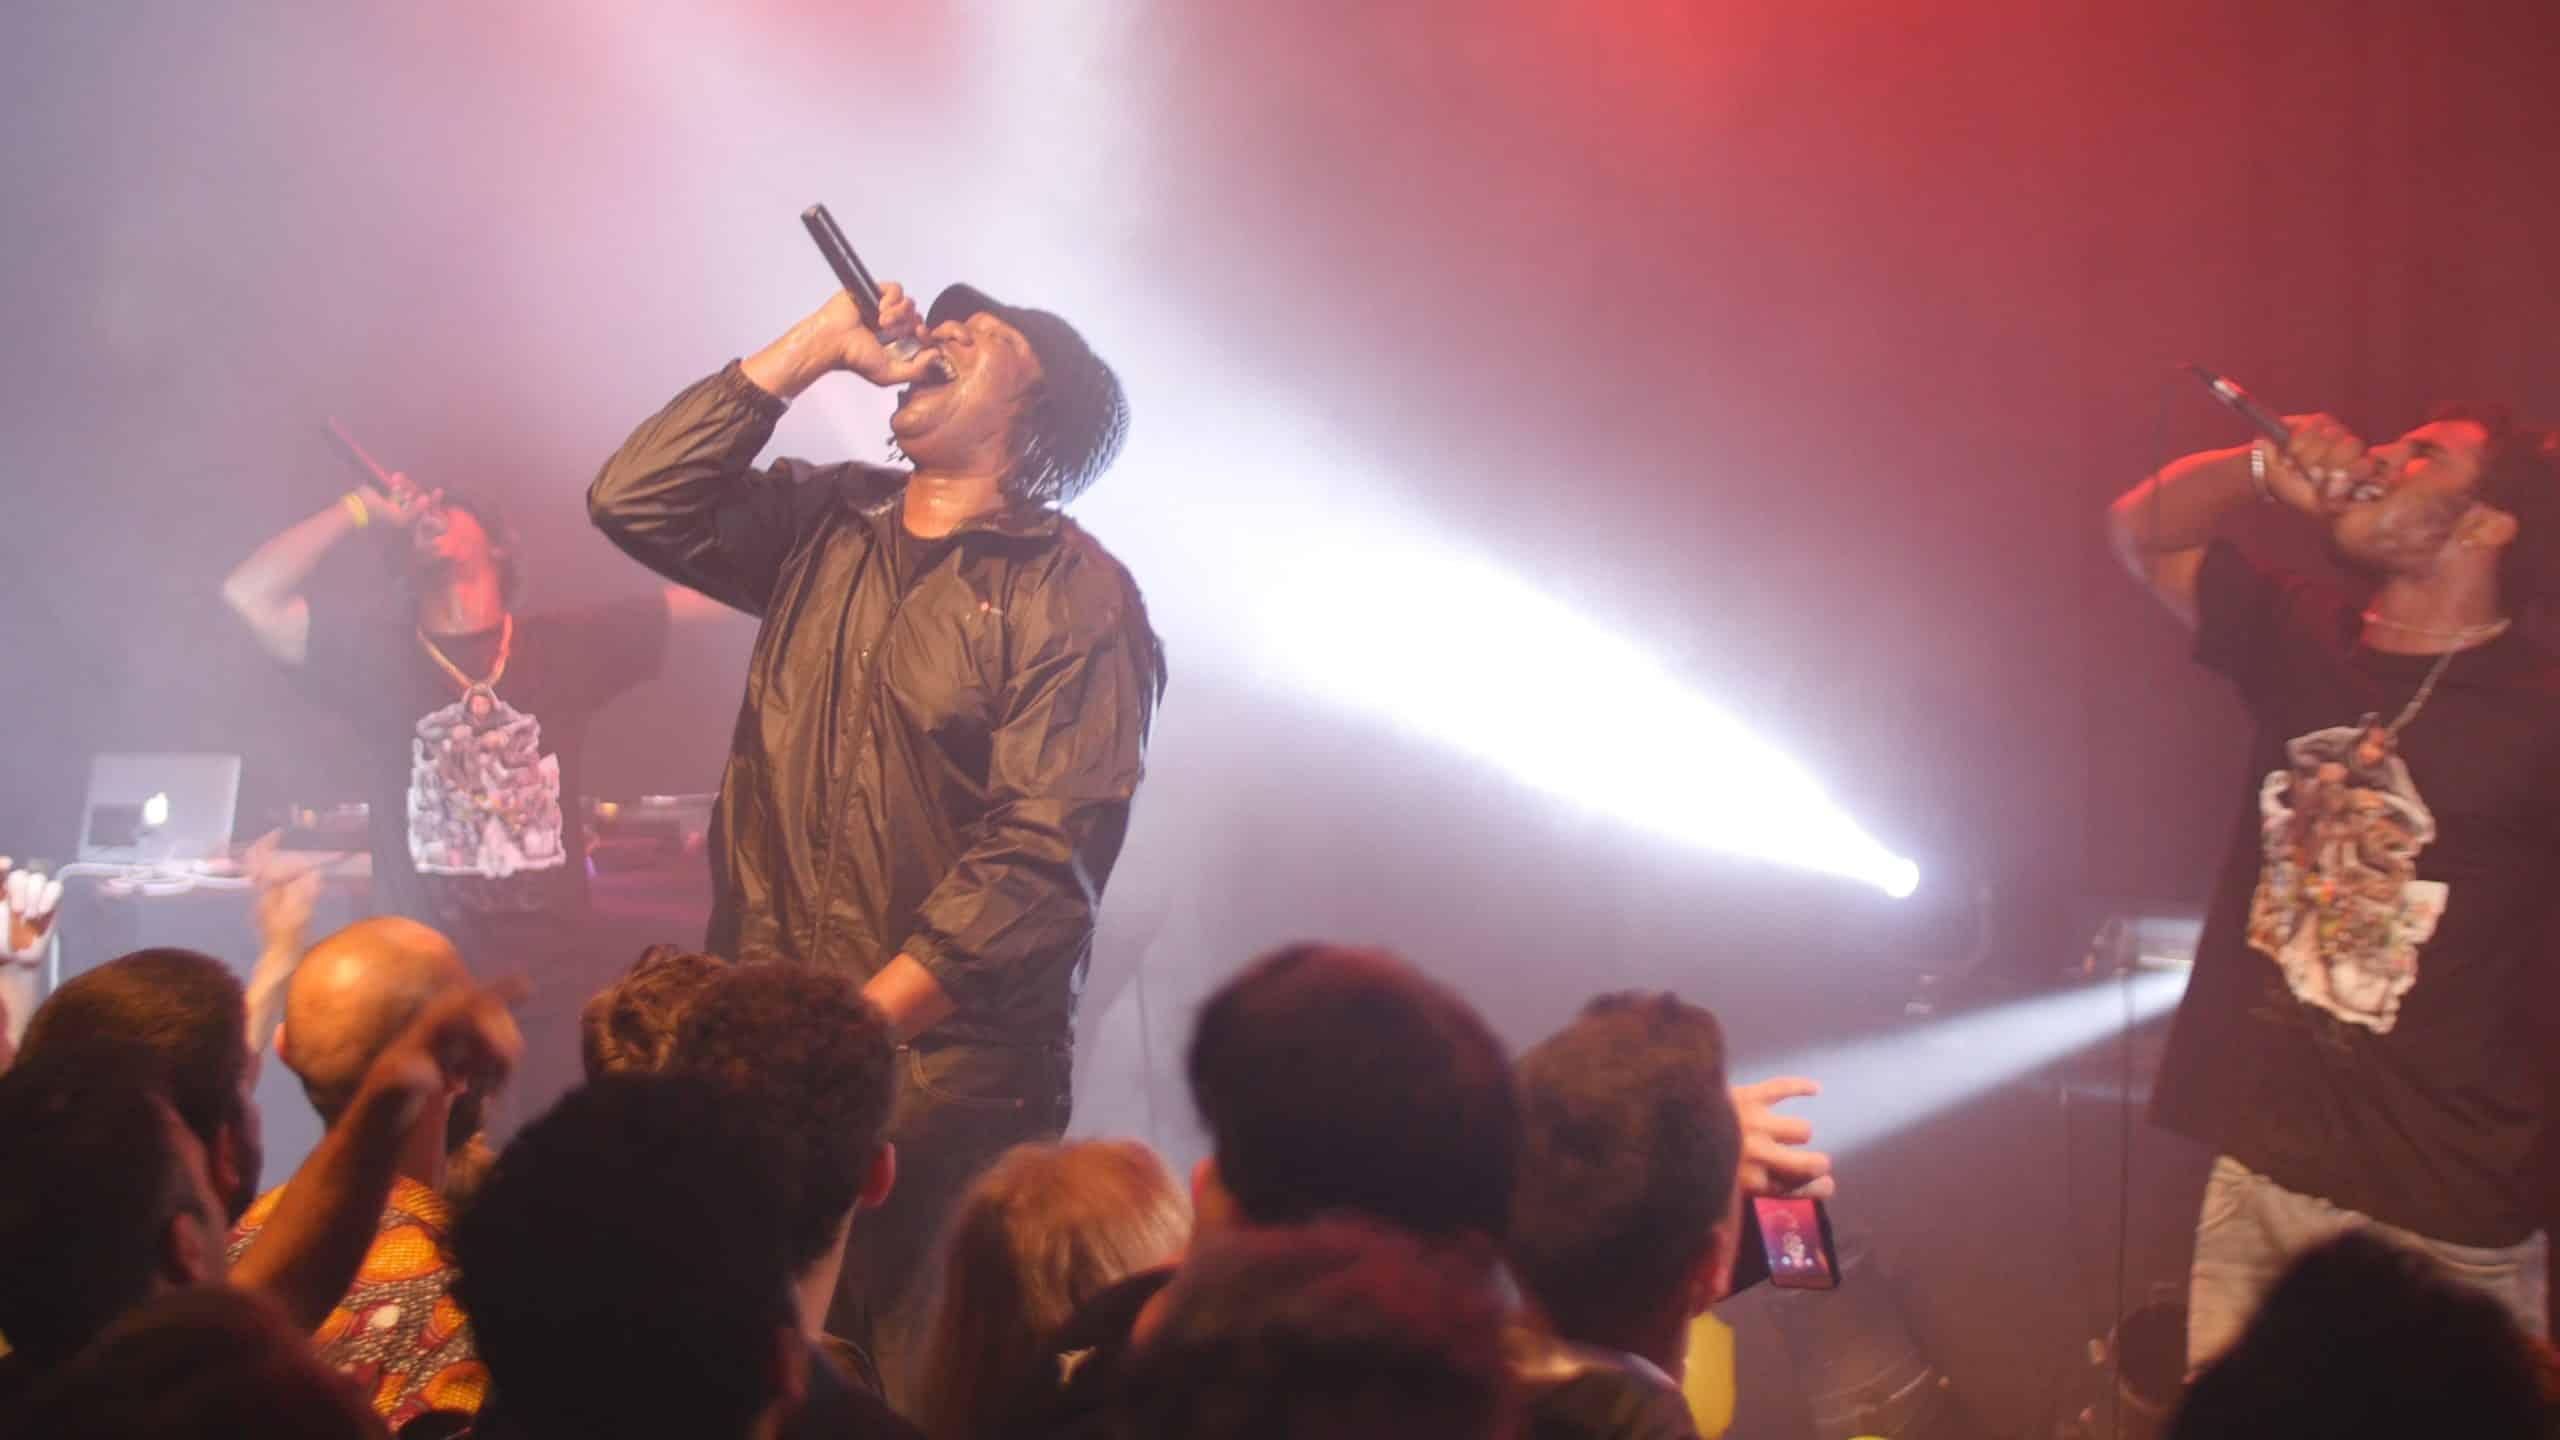 image krs one concert à montpellier 2016